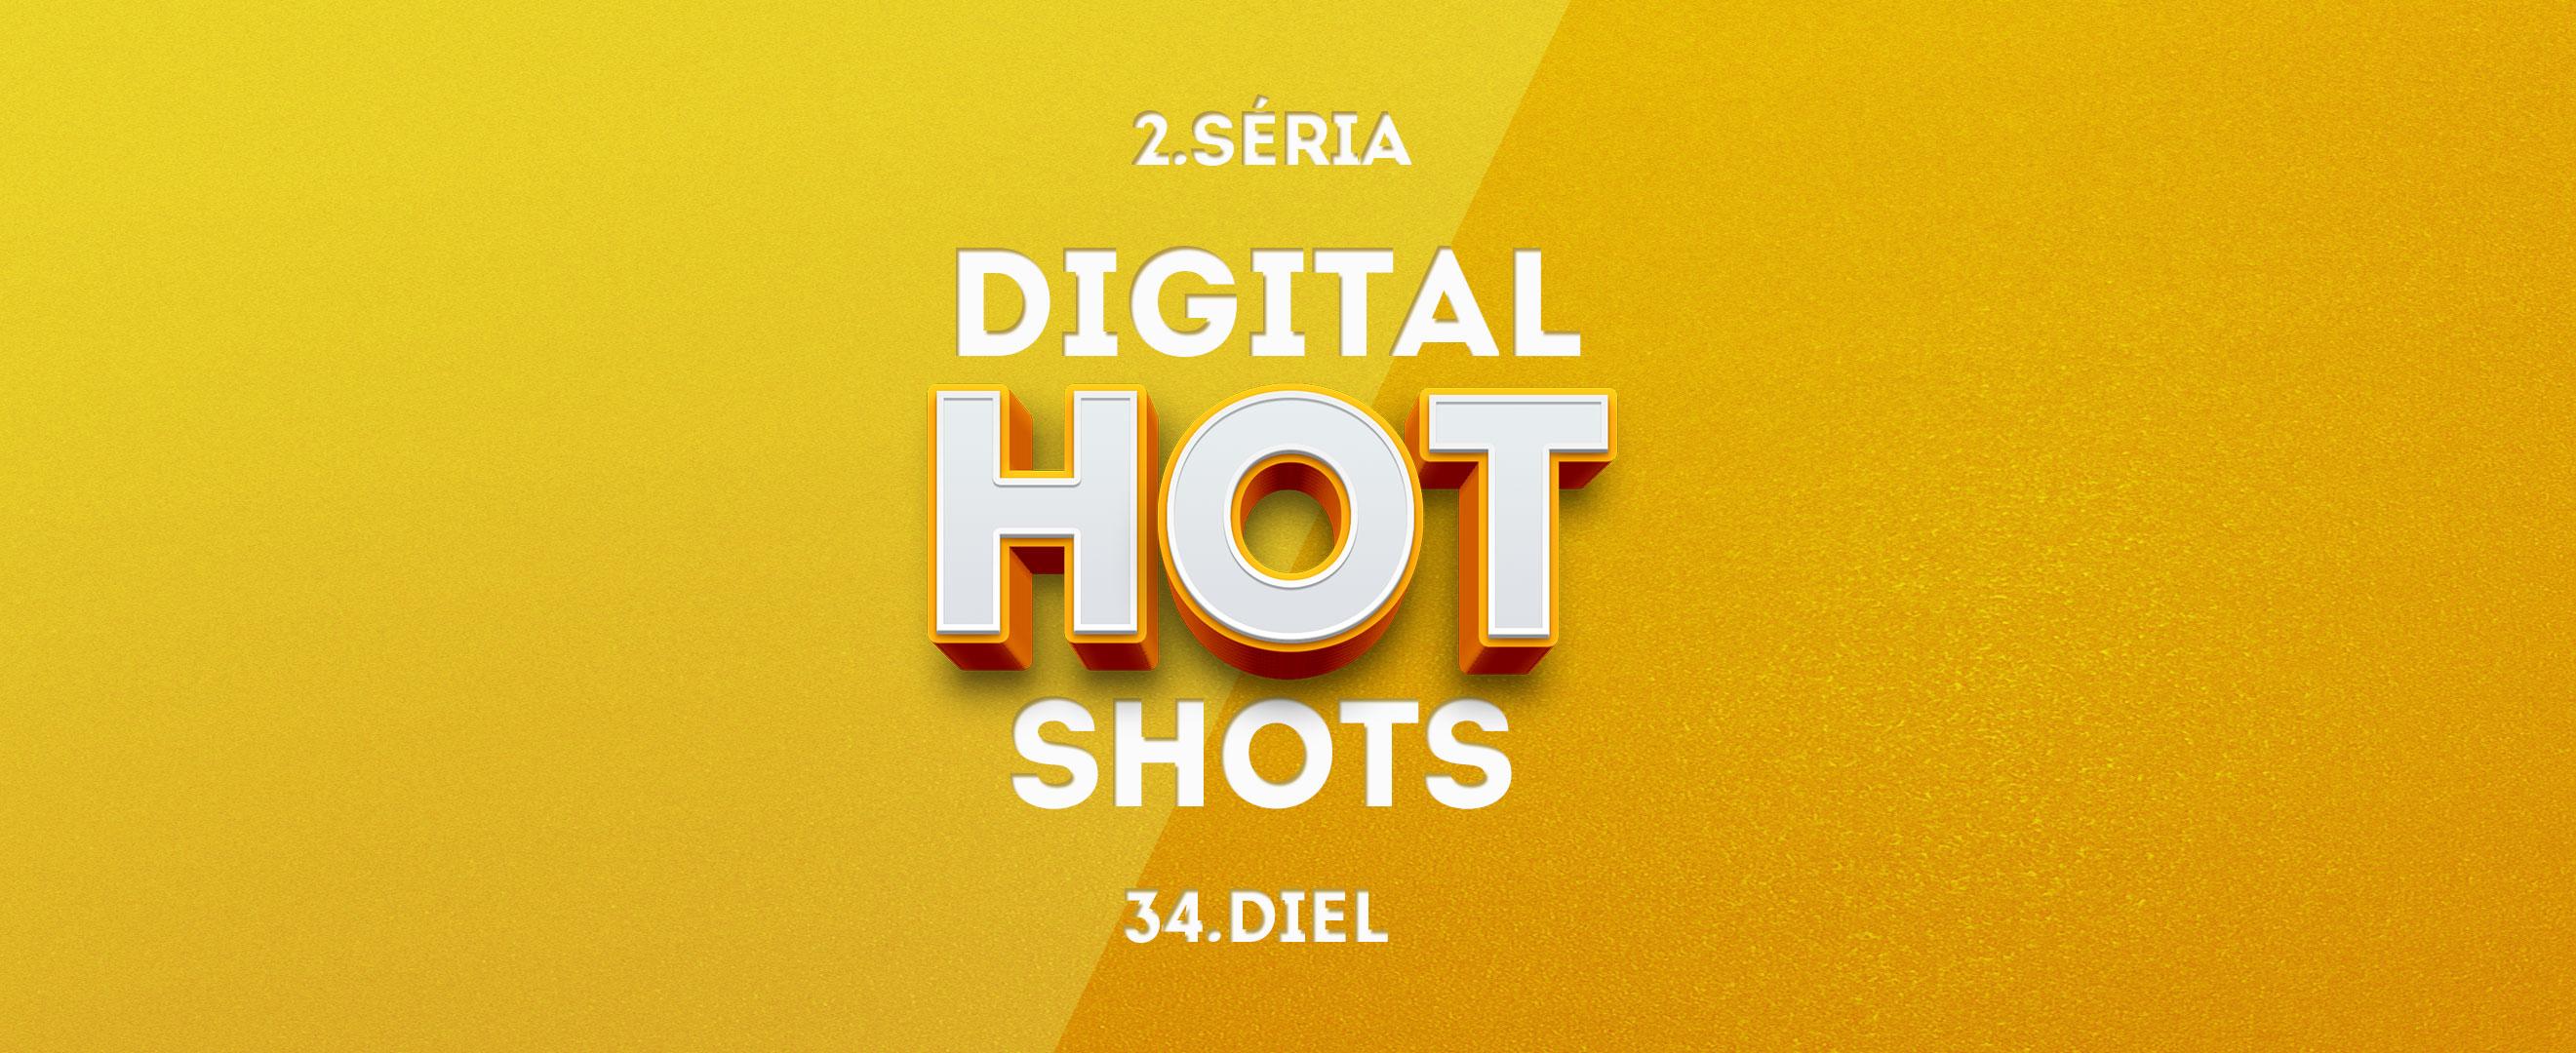 Facebook testuje Poll Ads, Yahoo zmenilo identitu a ďalšie novinky | Digital Hot Shots 2 #34